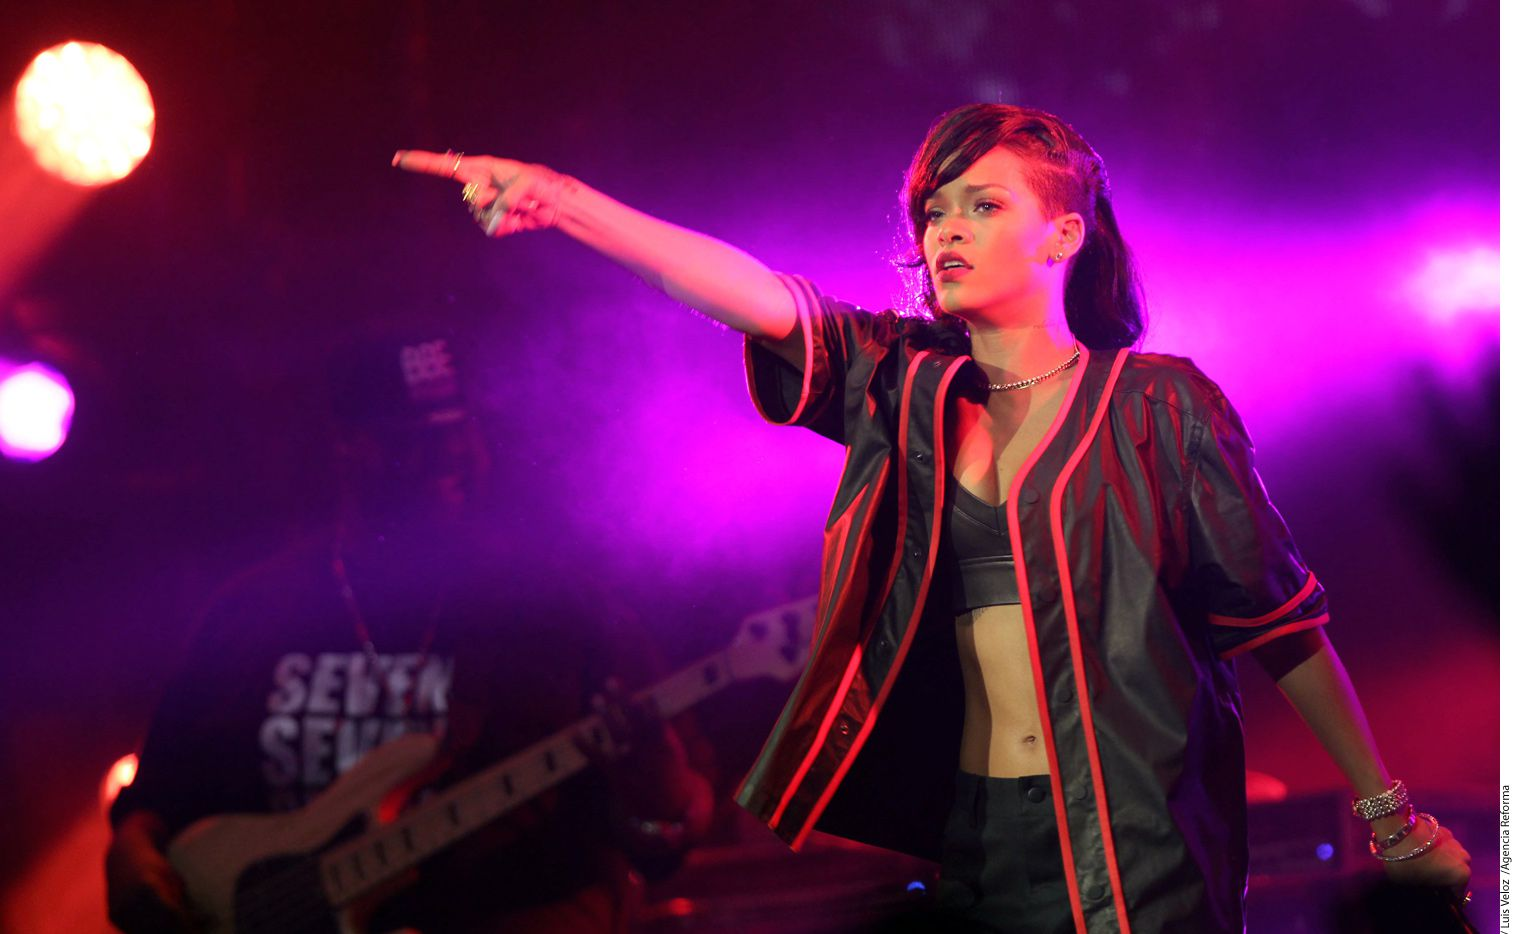 """Shirlene Quigley participó en los videos """"Crazy in Love"""", de Beyoncé, y """"S.O.S."""", de Rihanna (foto). También ha actuado en varios shows en vivo de la barbadense. /AGENCIA REFORMA"""